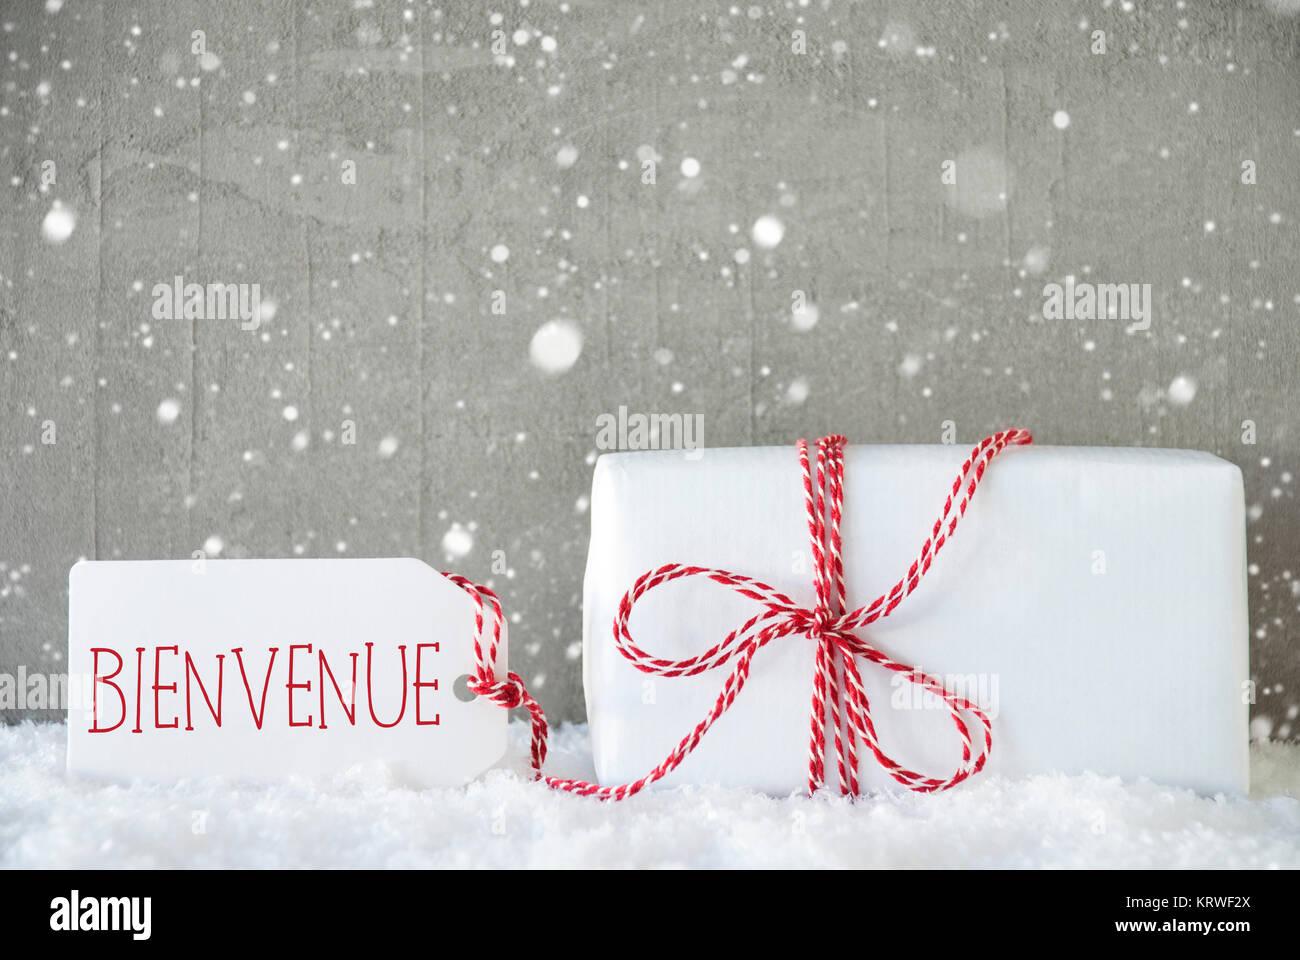 Ein Weihnachtsgeschenk auf Schnee. Zement Wand als Hintergrund mit ...